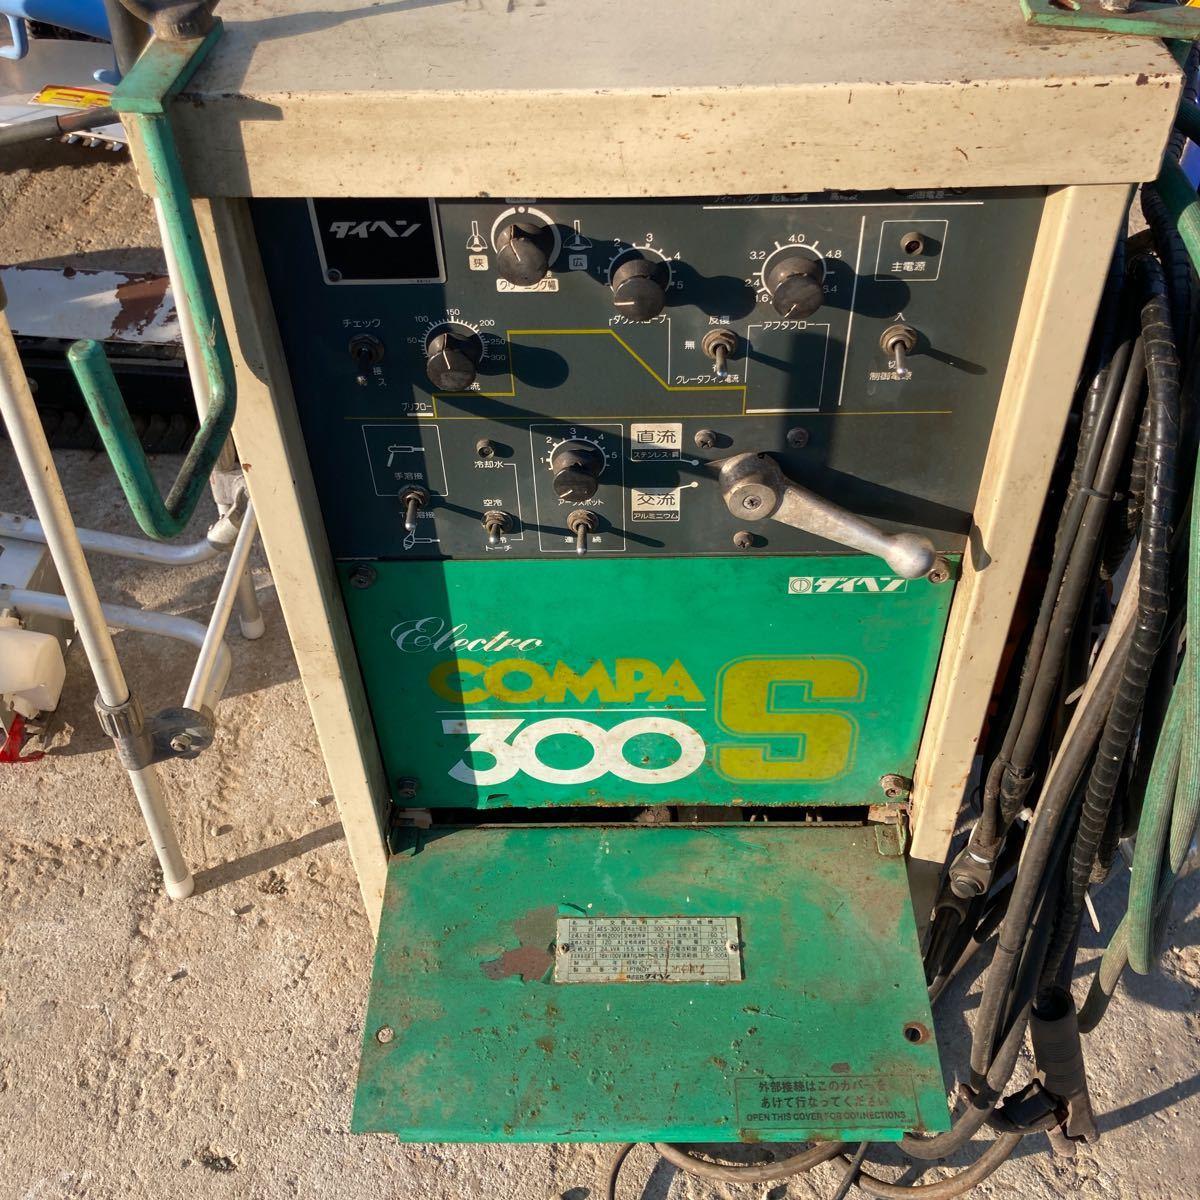 ダイヘン COMPA300S TIG溶接機 ★動画配 /下取り可能です。